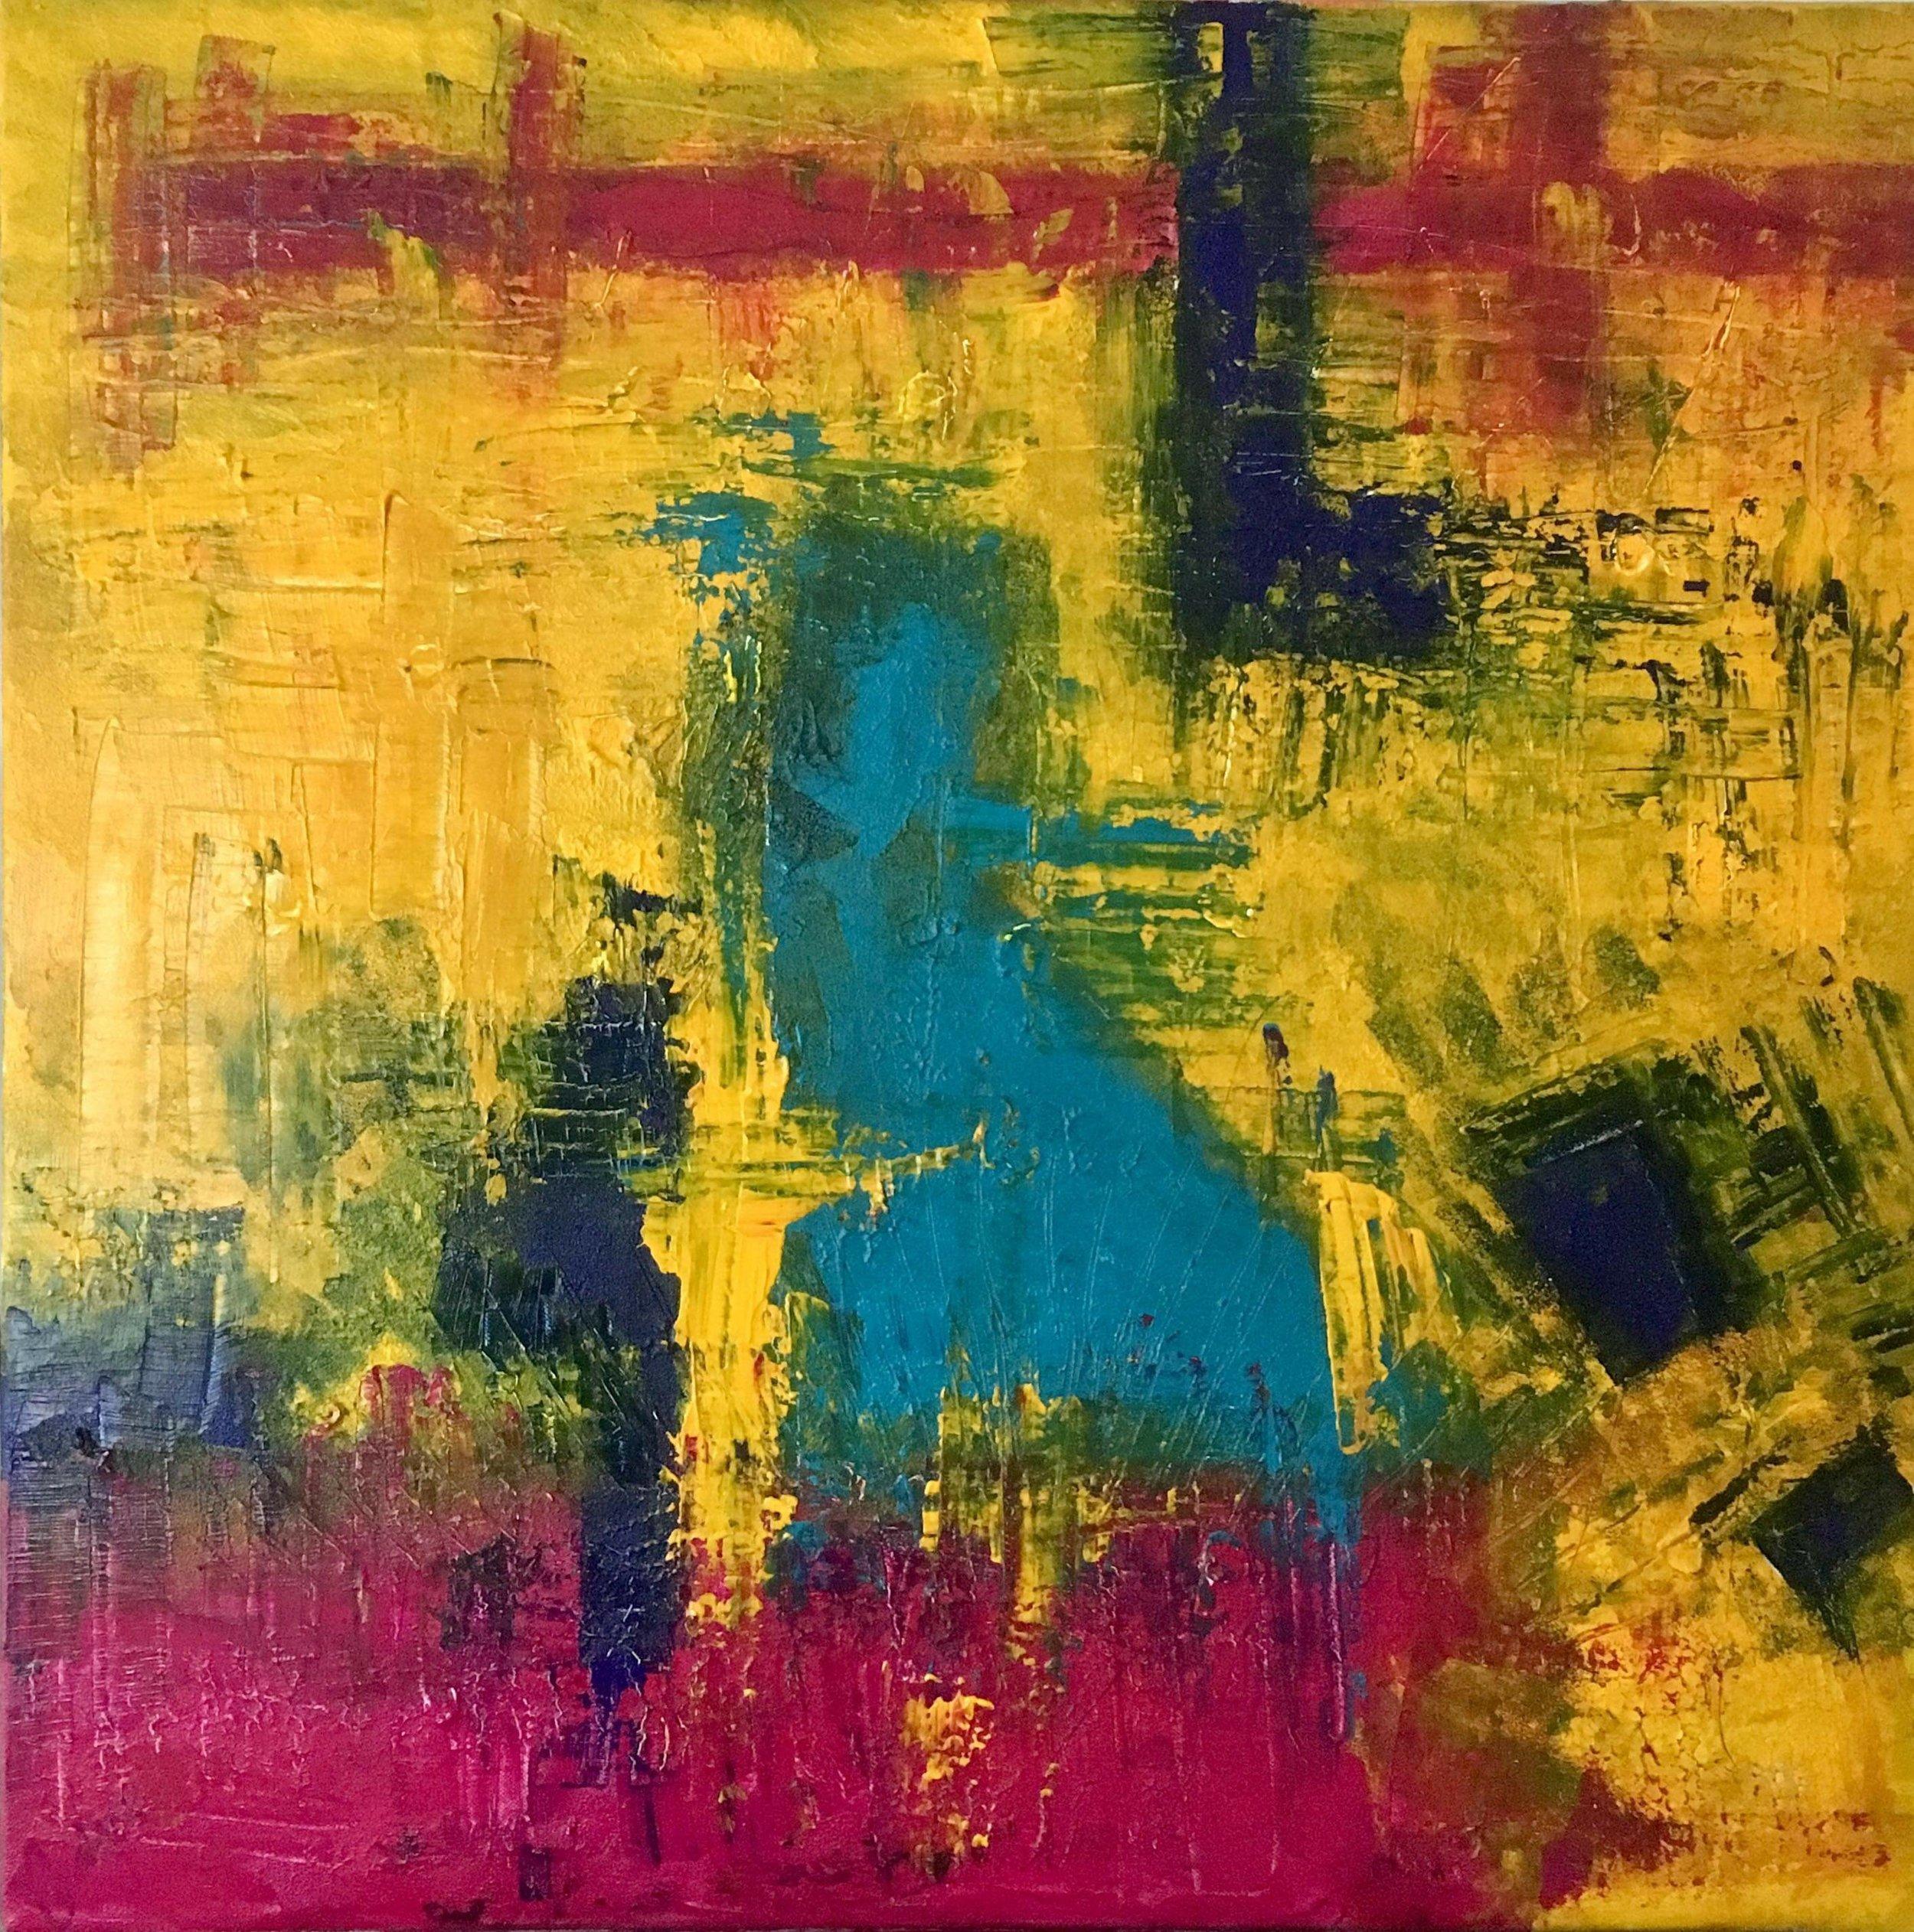 Bespoke Art By Carolyne Merren - For home or business